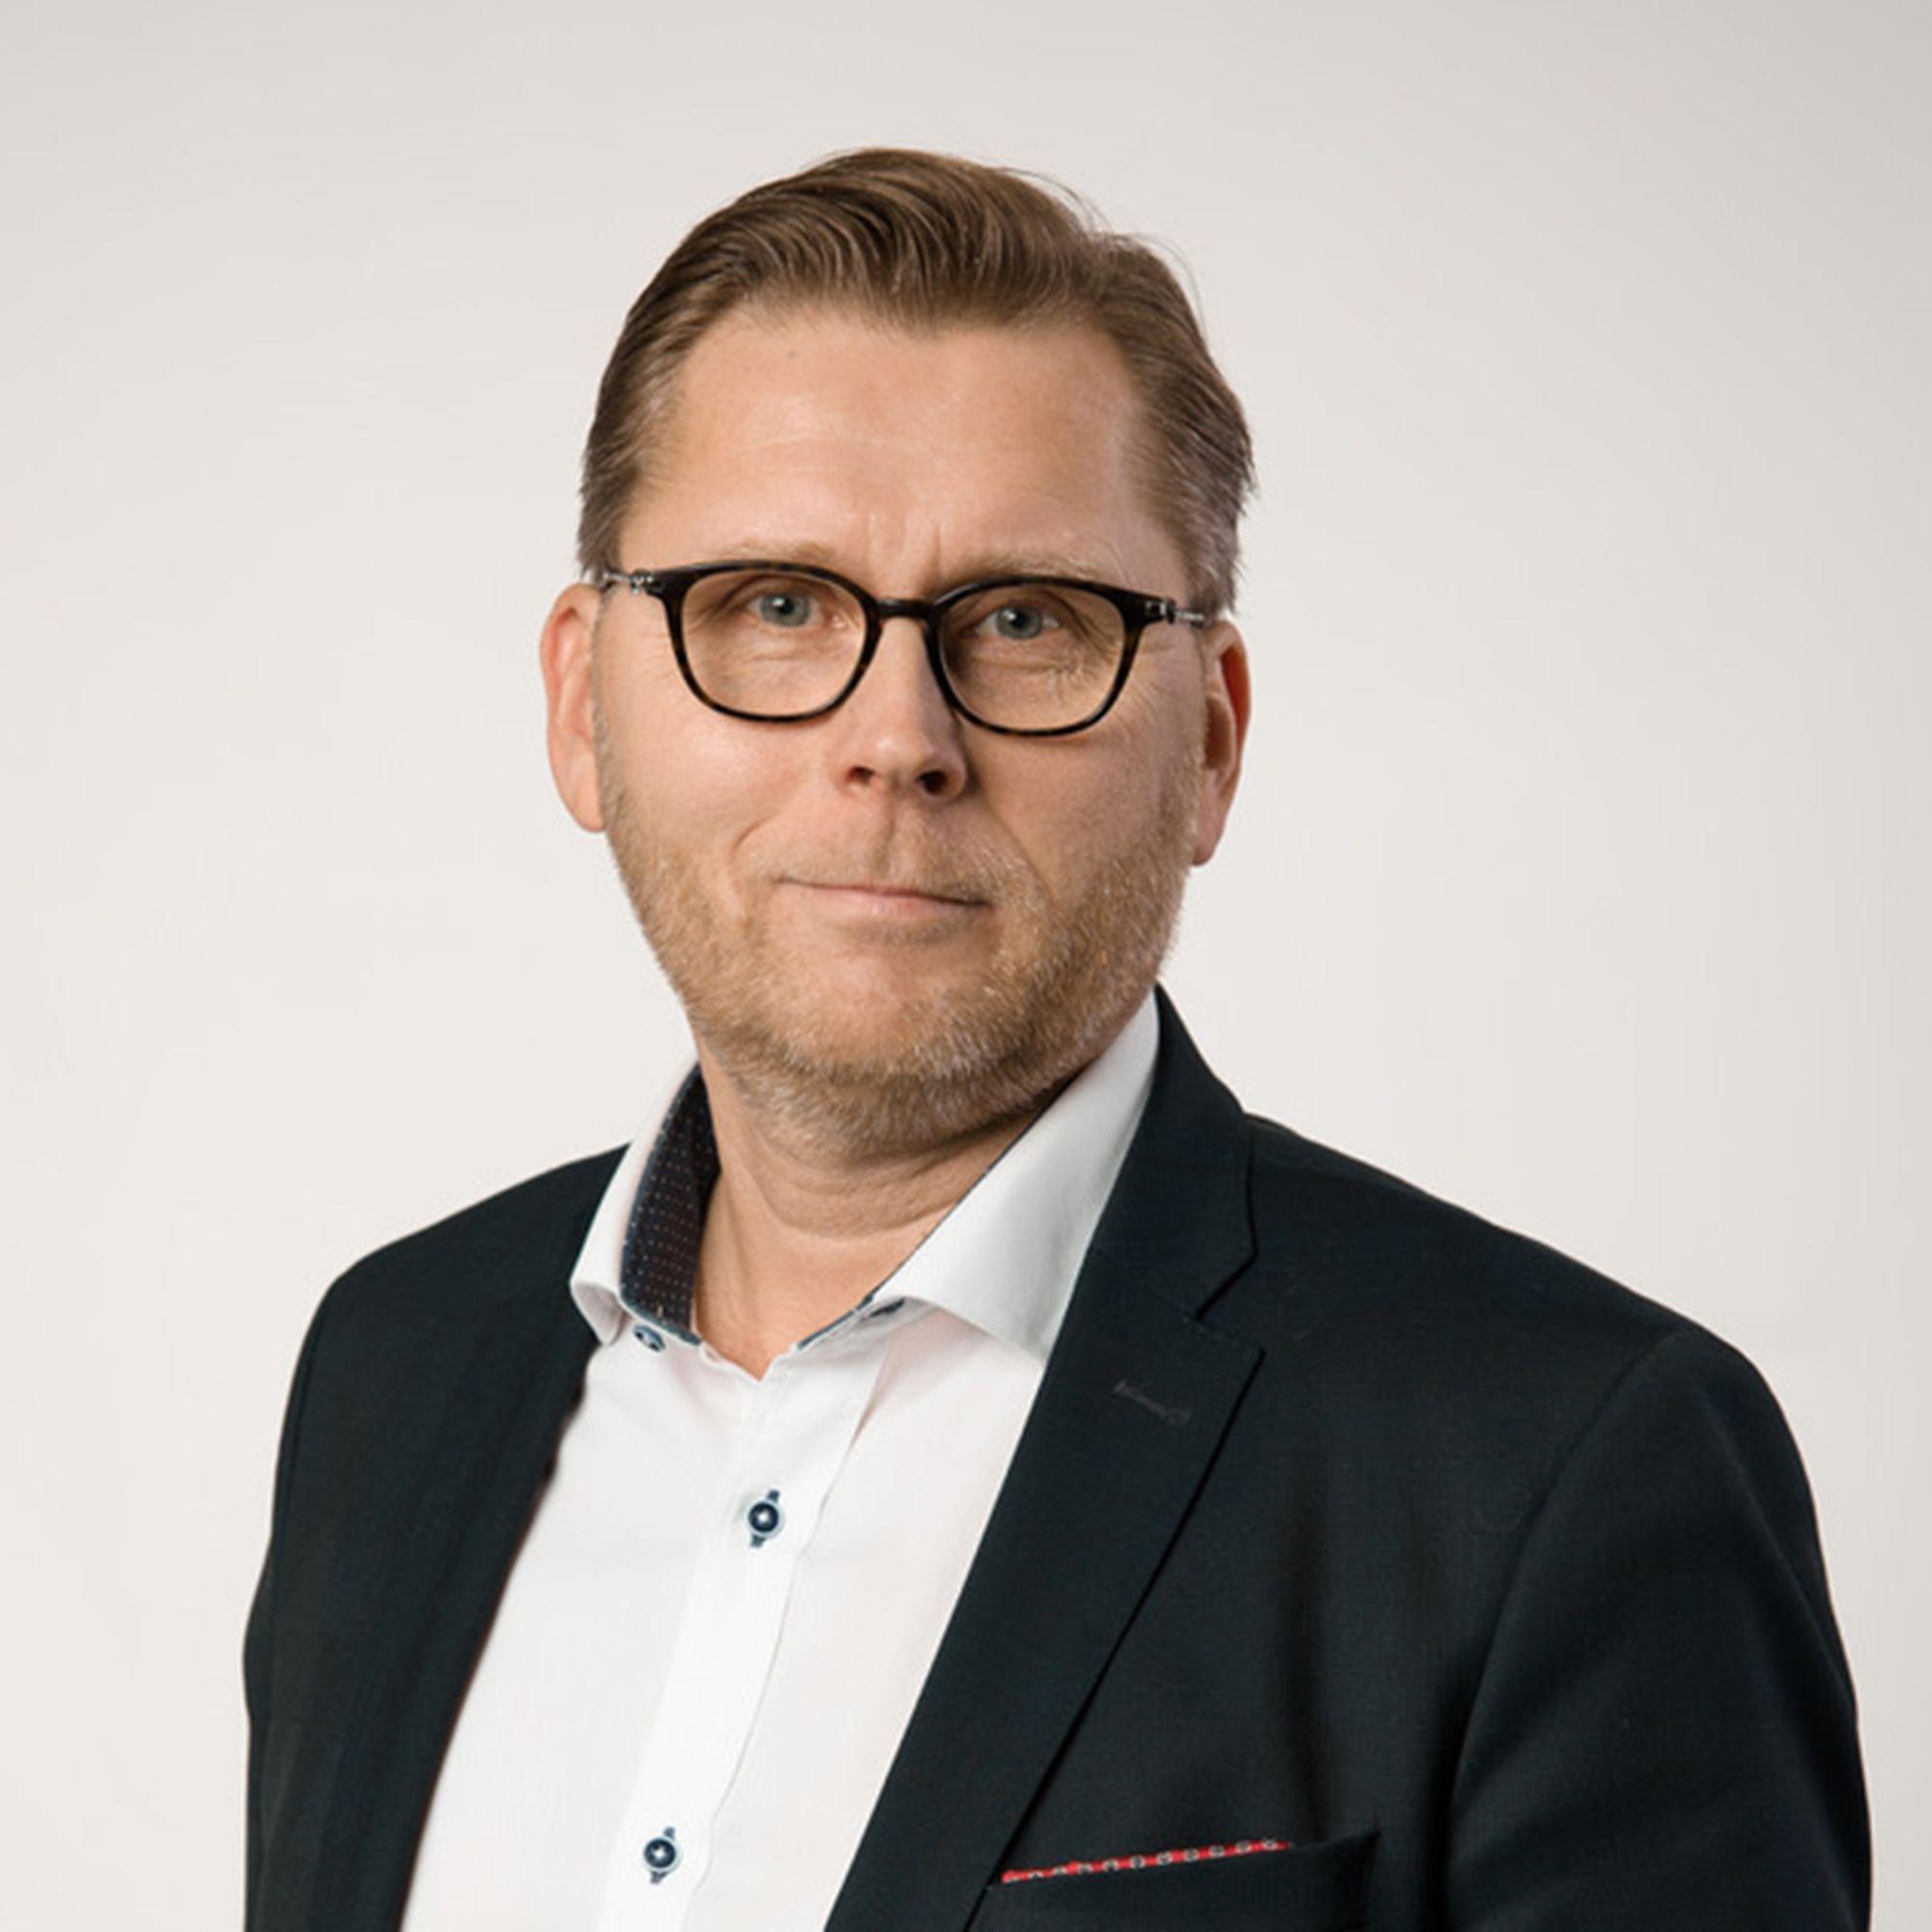 Juha Hakkarainen